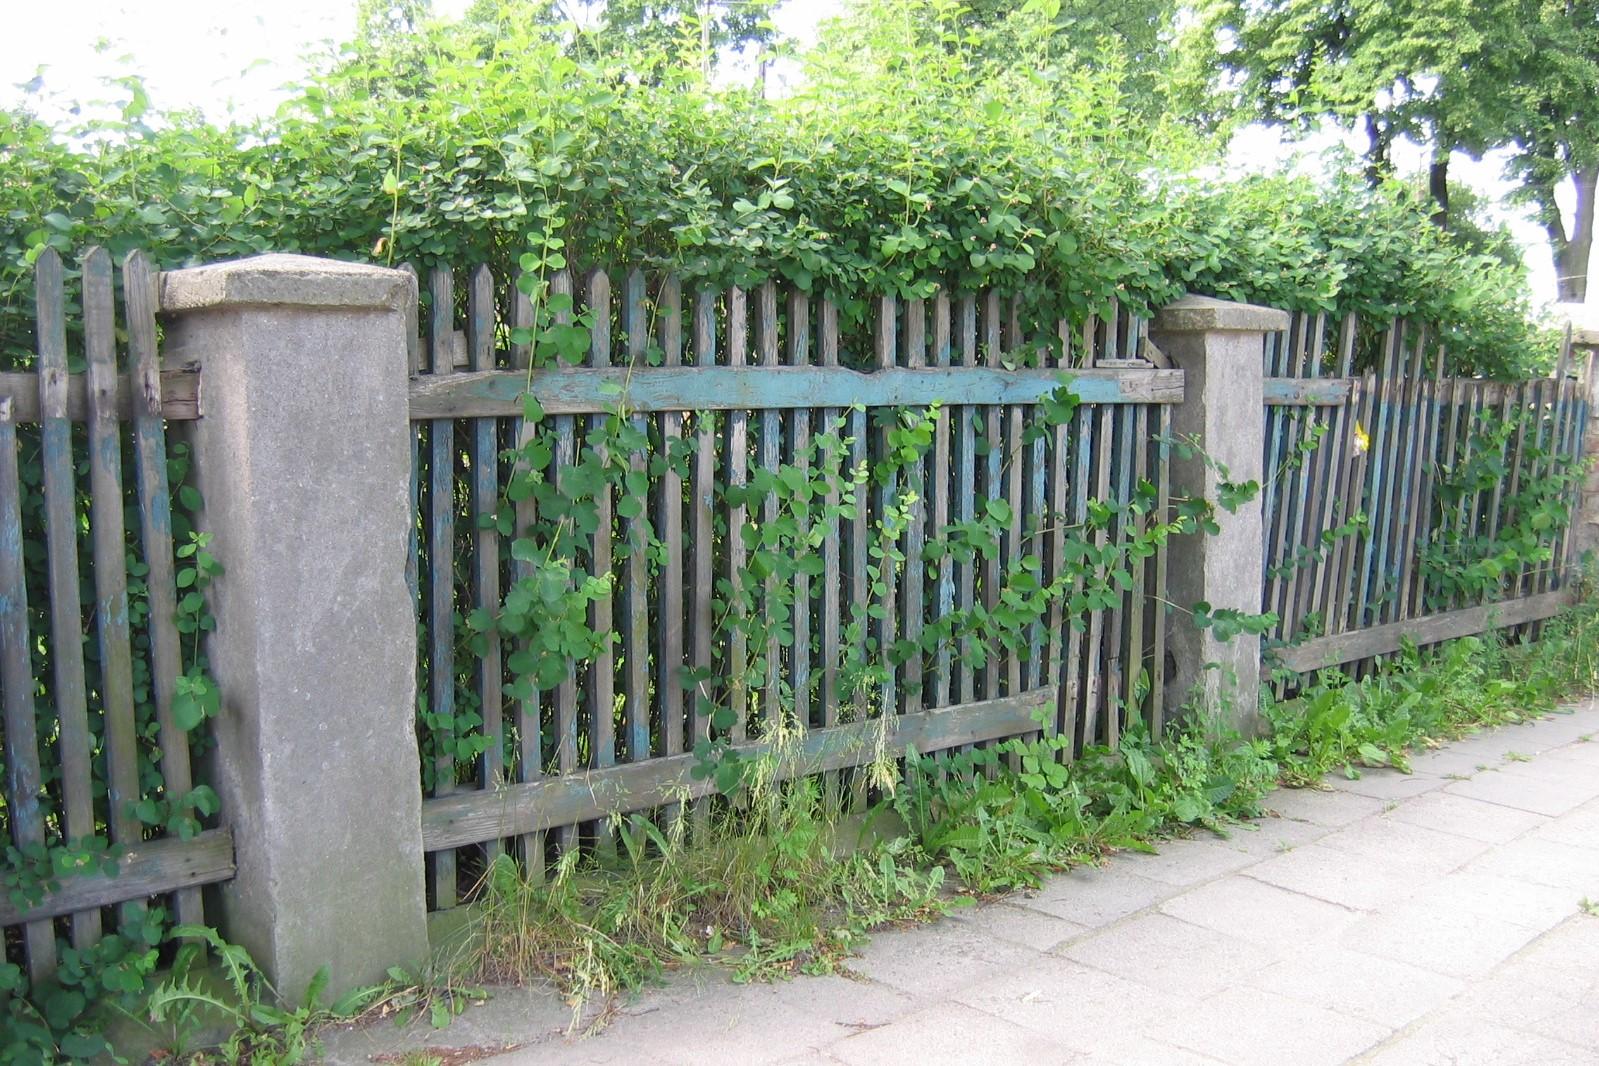 Ogrodzenie willi w Orłowie z lat 20. XX w. z drewnianymi elementami i murowanymi słupkami